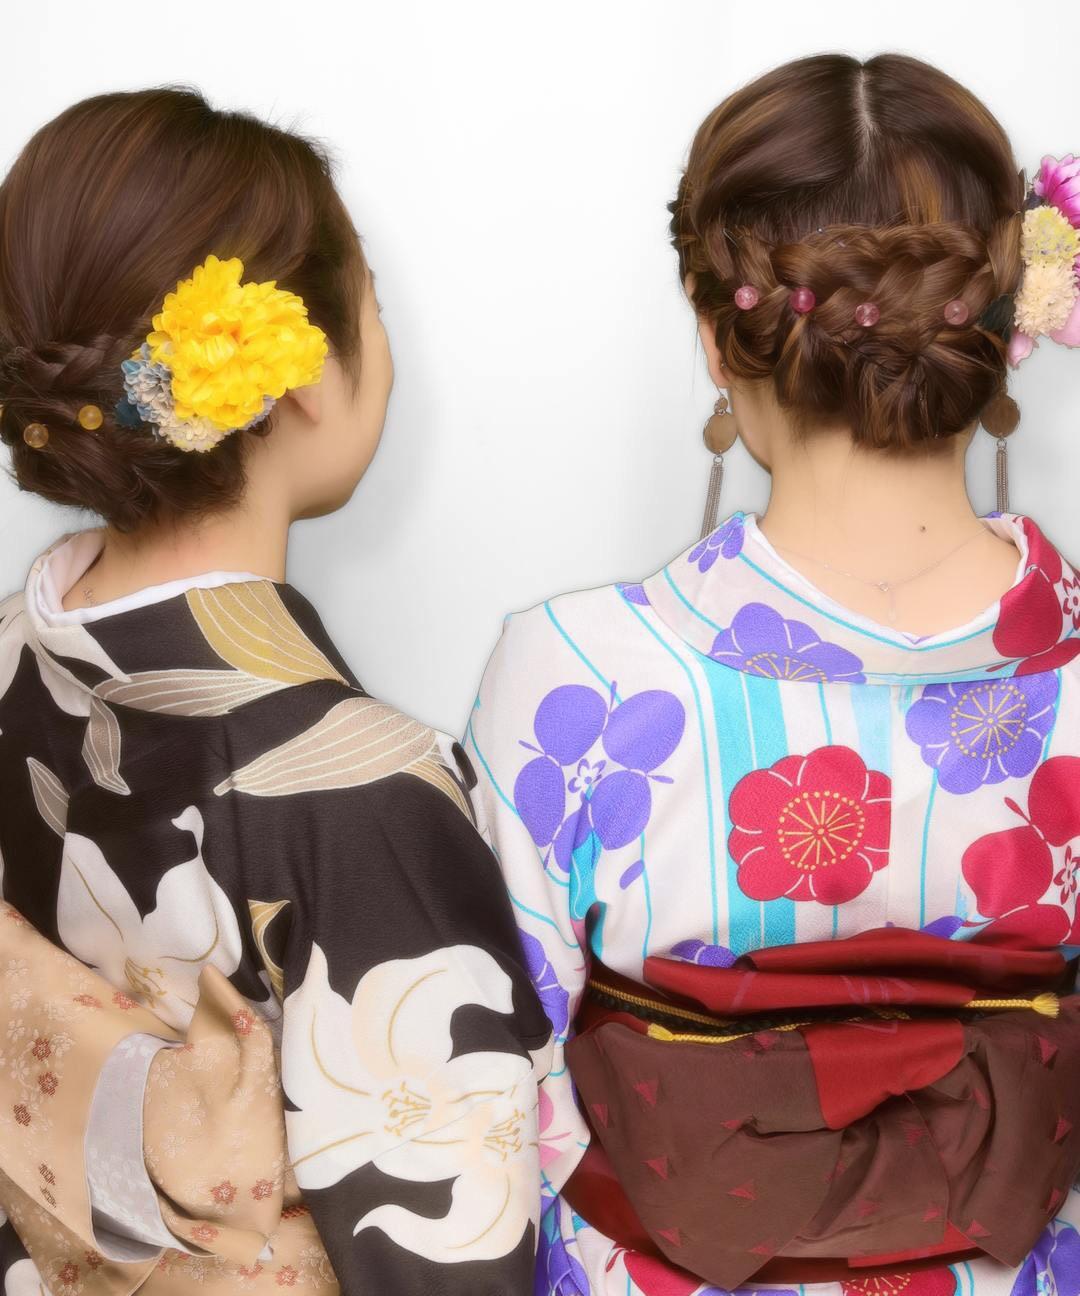 皆で京都へ卒業旅行(^^♪2019年2月21日12